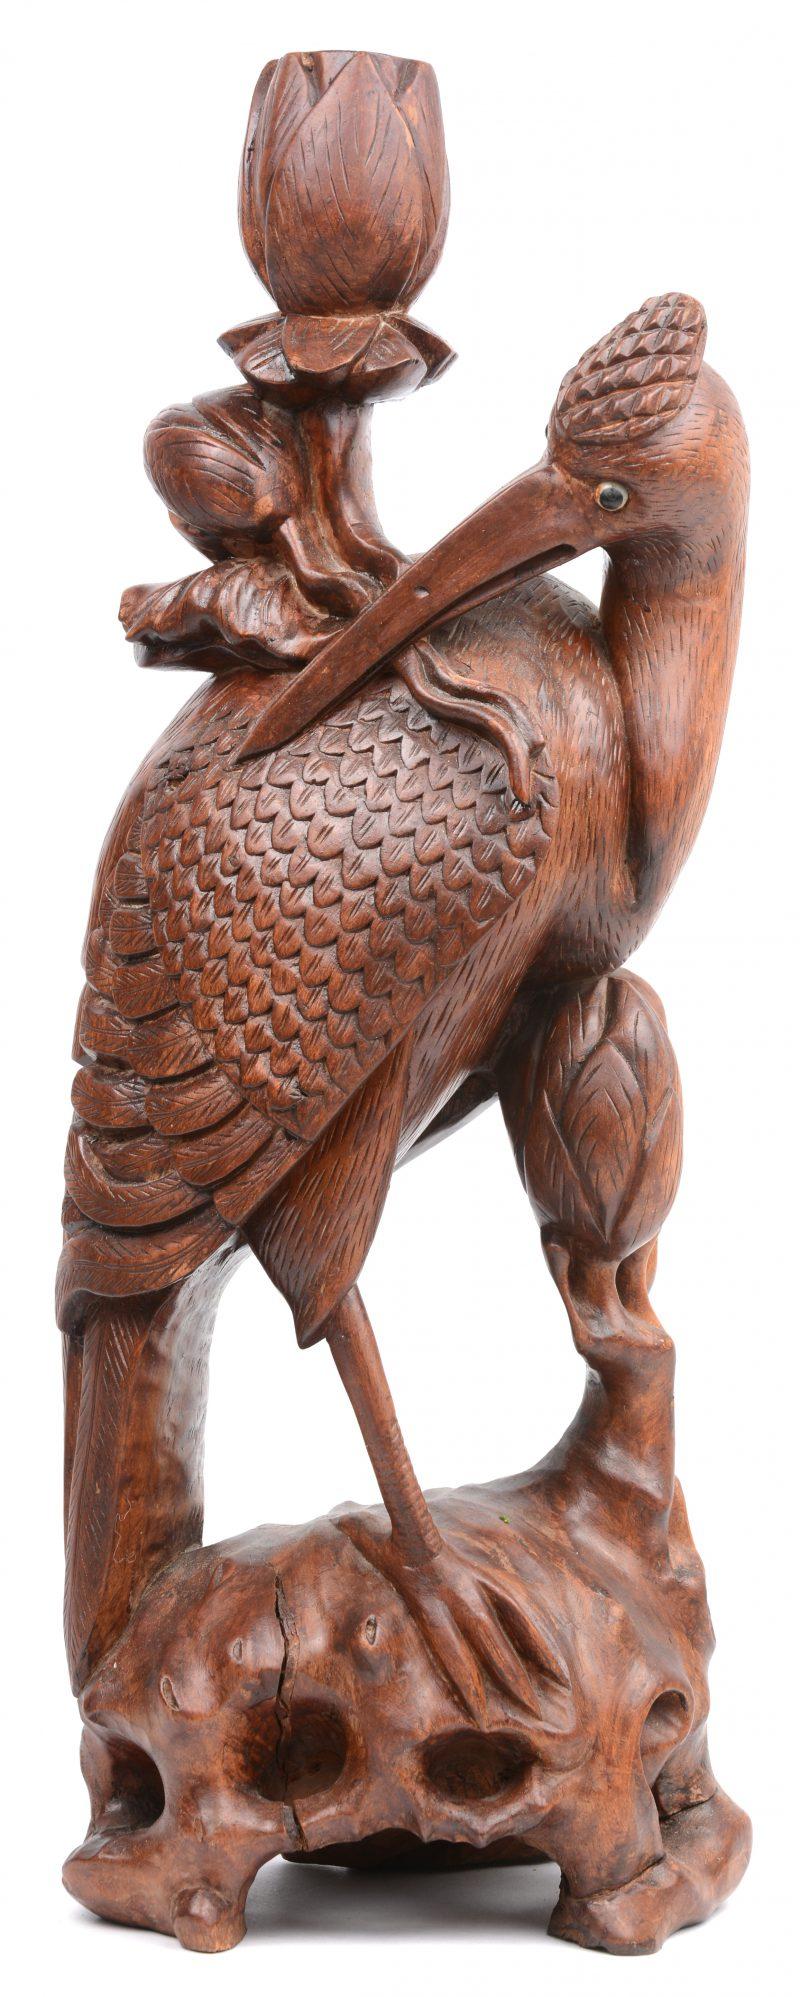 Een gebeeldhouwd houten lampvoet in de vorm van een kraanvogel.